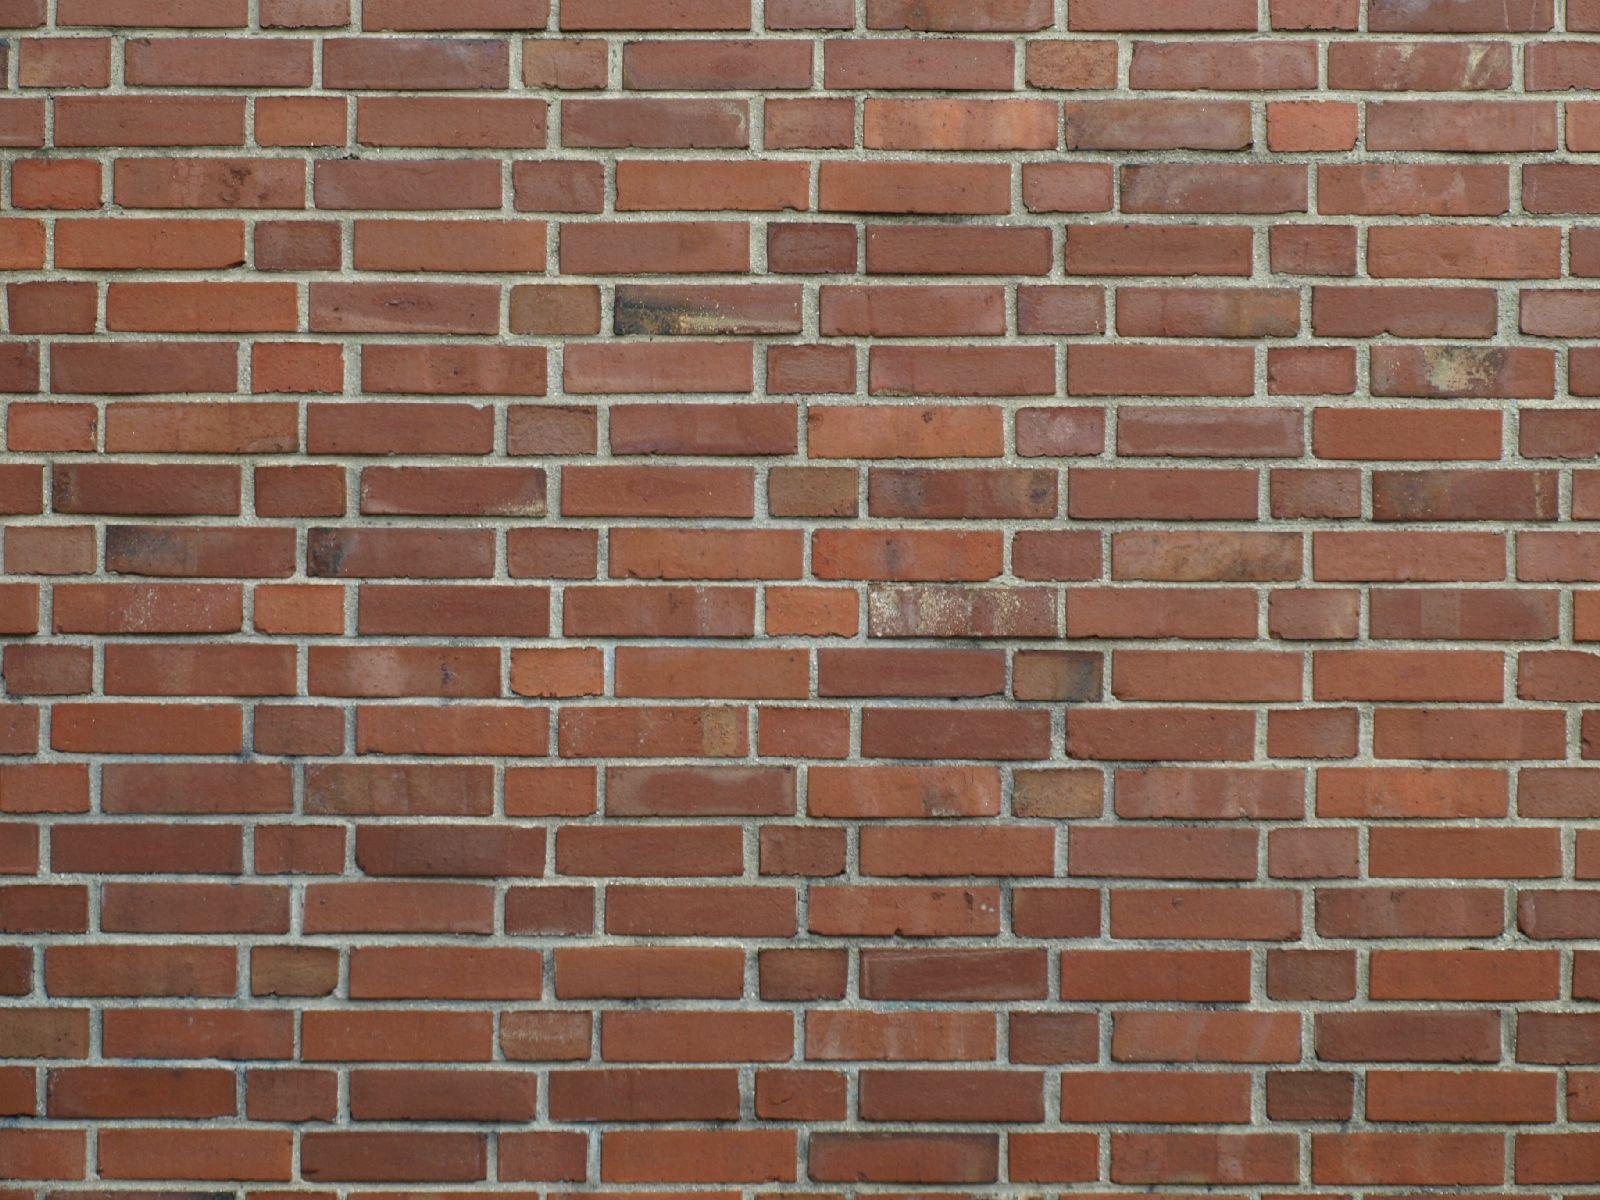 Wand-Mauerwerk-Backstein_Textur_A_PA260572